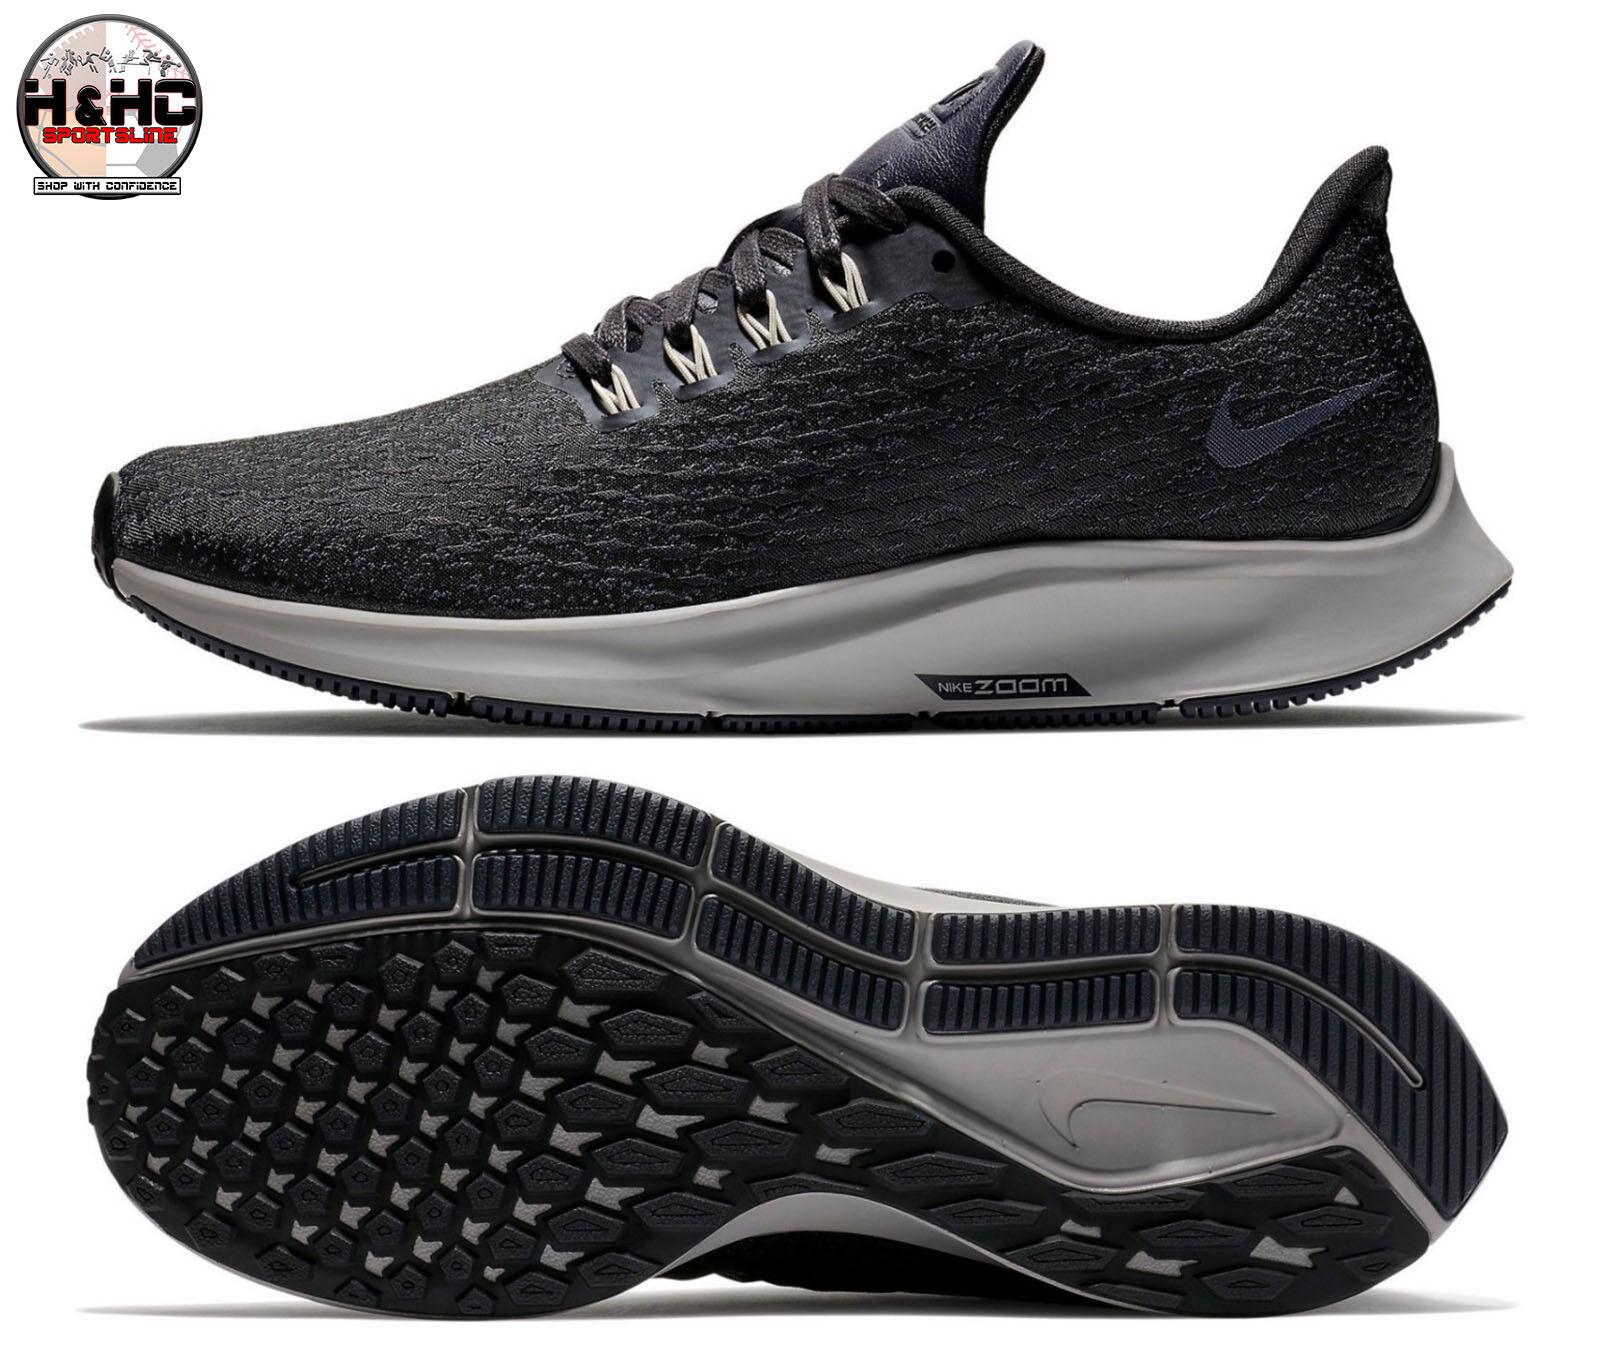 Nike Air Zoom Pegasus 35 Premium AH8392-001 Grey Women's Running shoes Sz 6.5